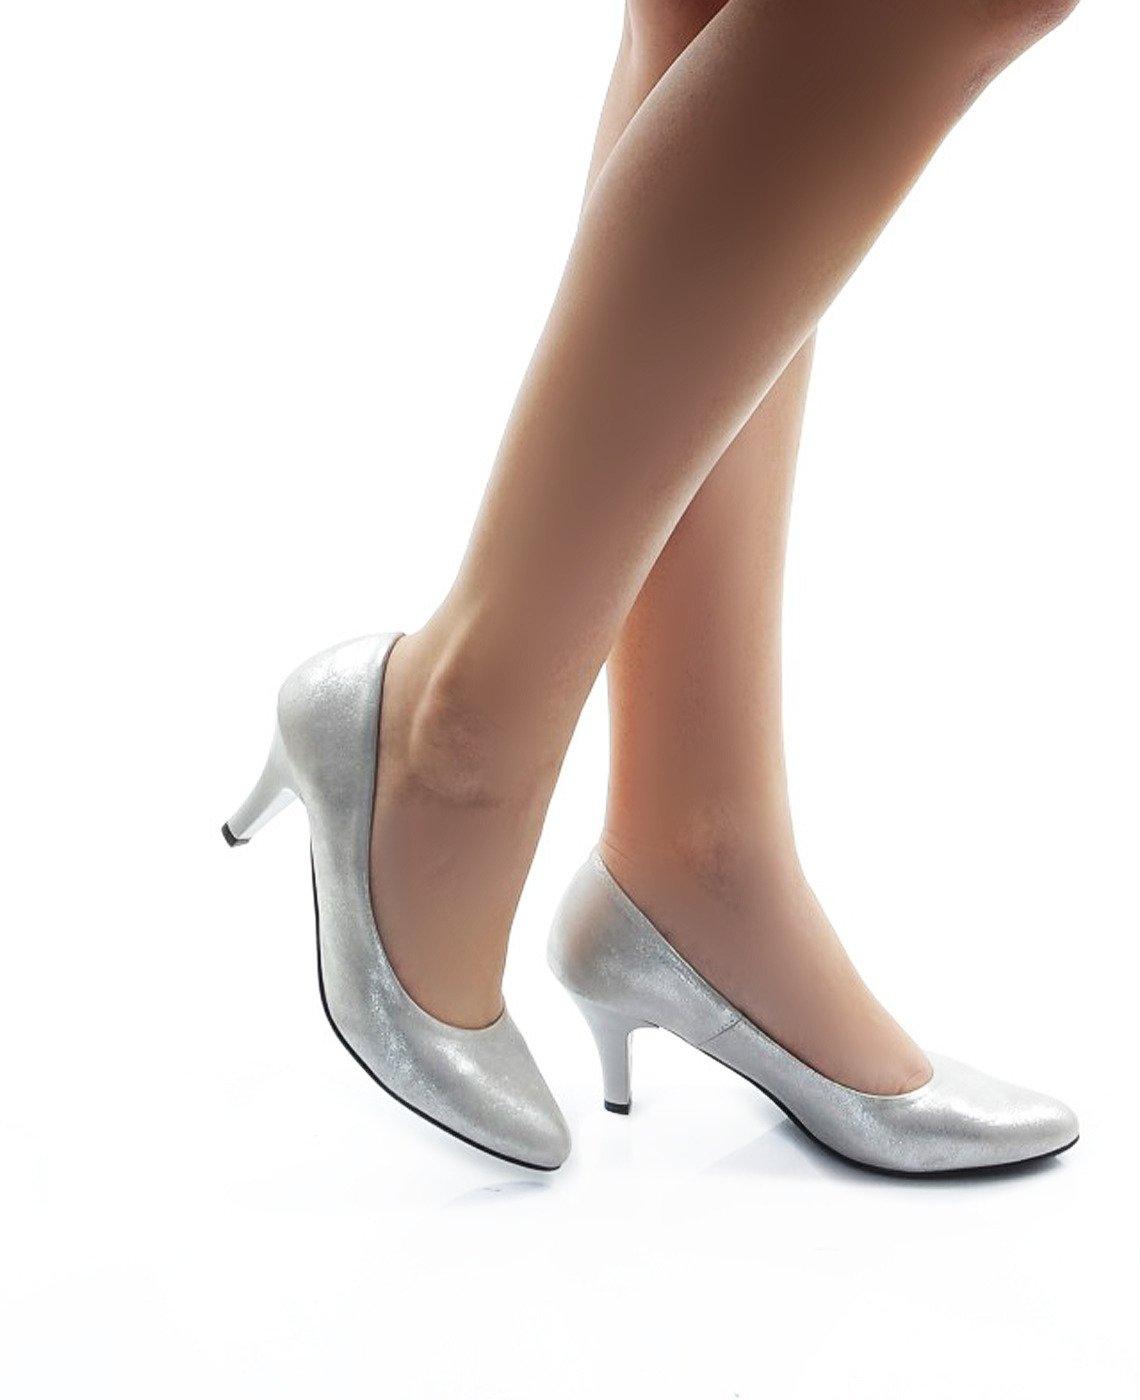 Wygodne buty do treningu. Sprawdź przecenione modele